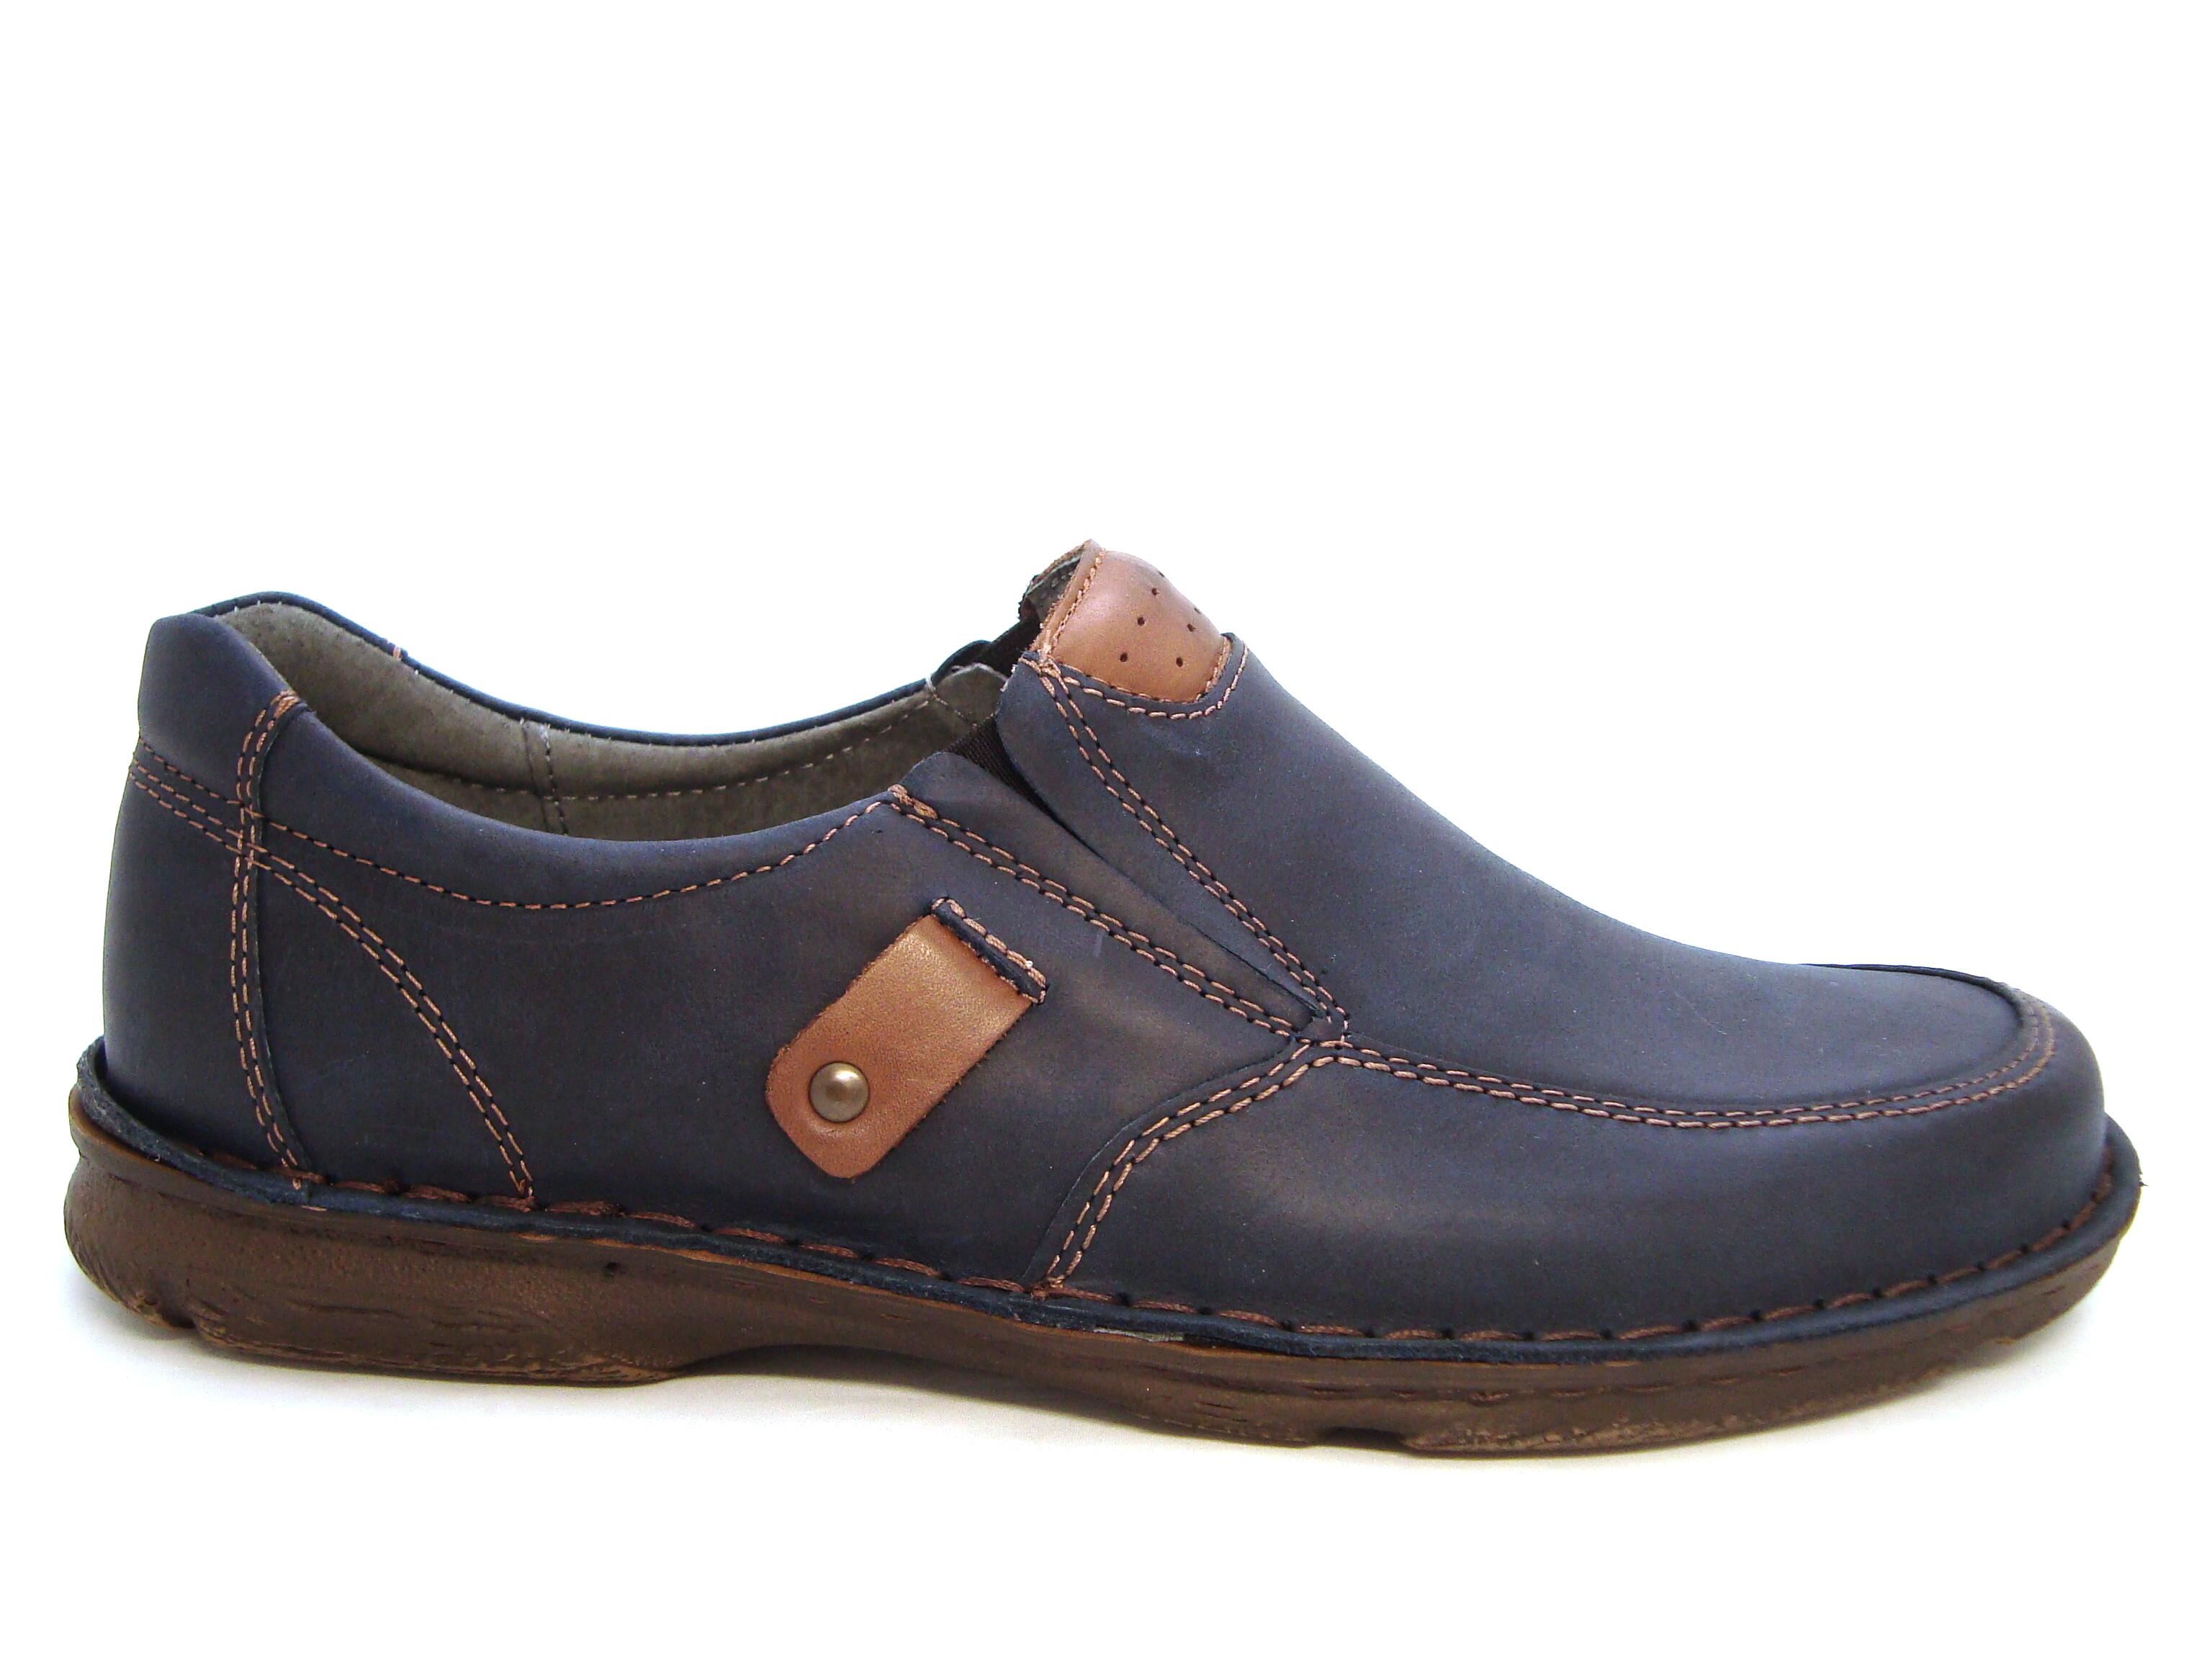 769aad23714e Komfortné modro-hnedé pánske kožené mokasíny - Obuv Carmen